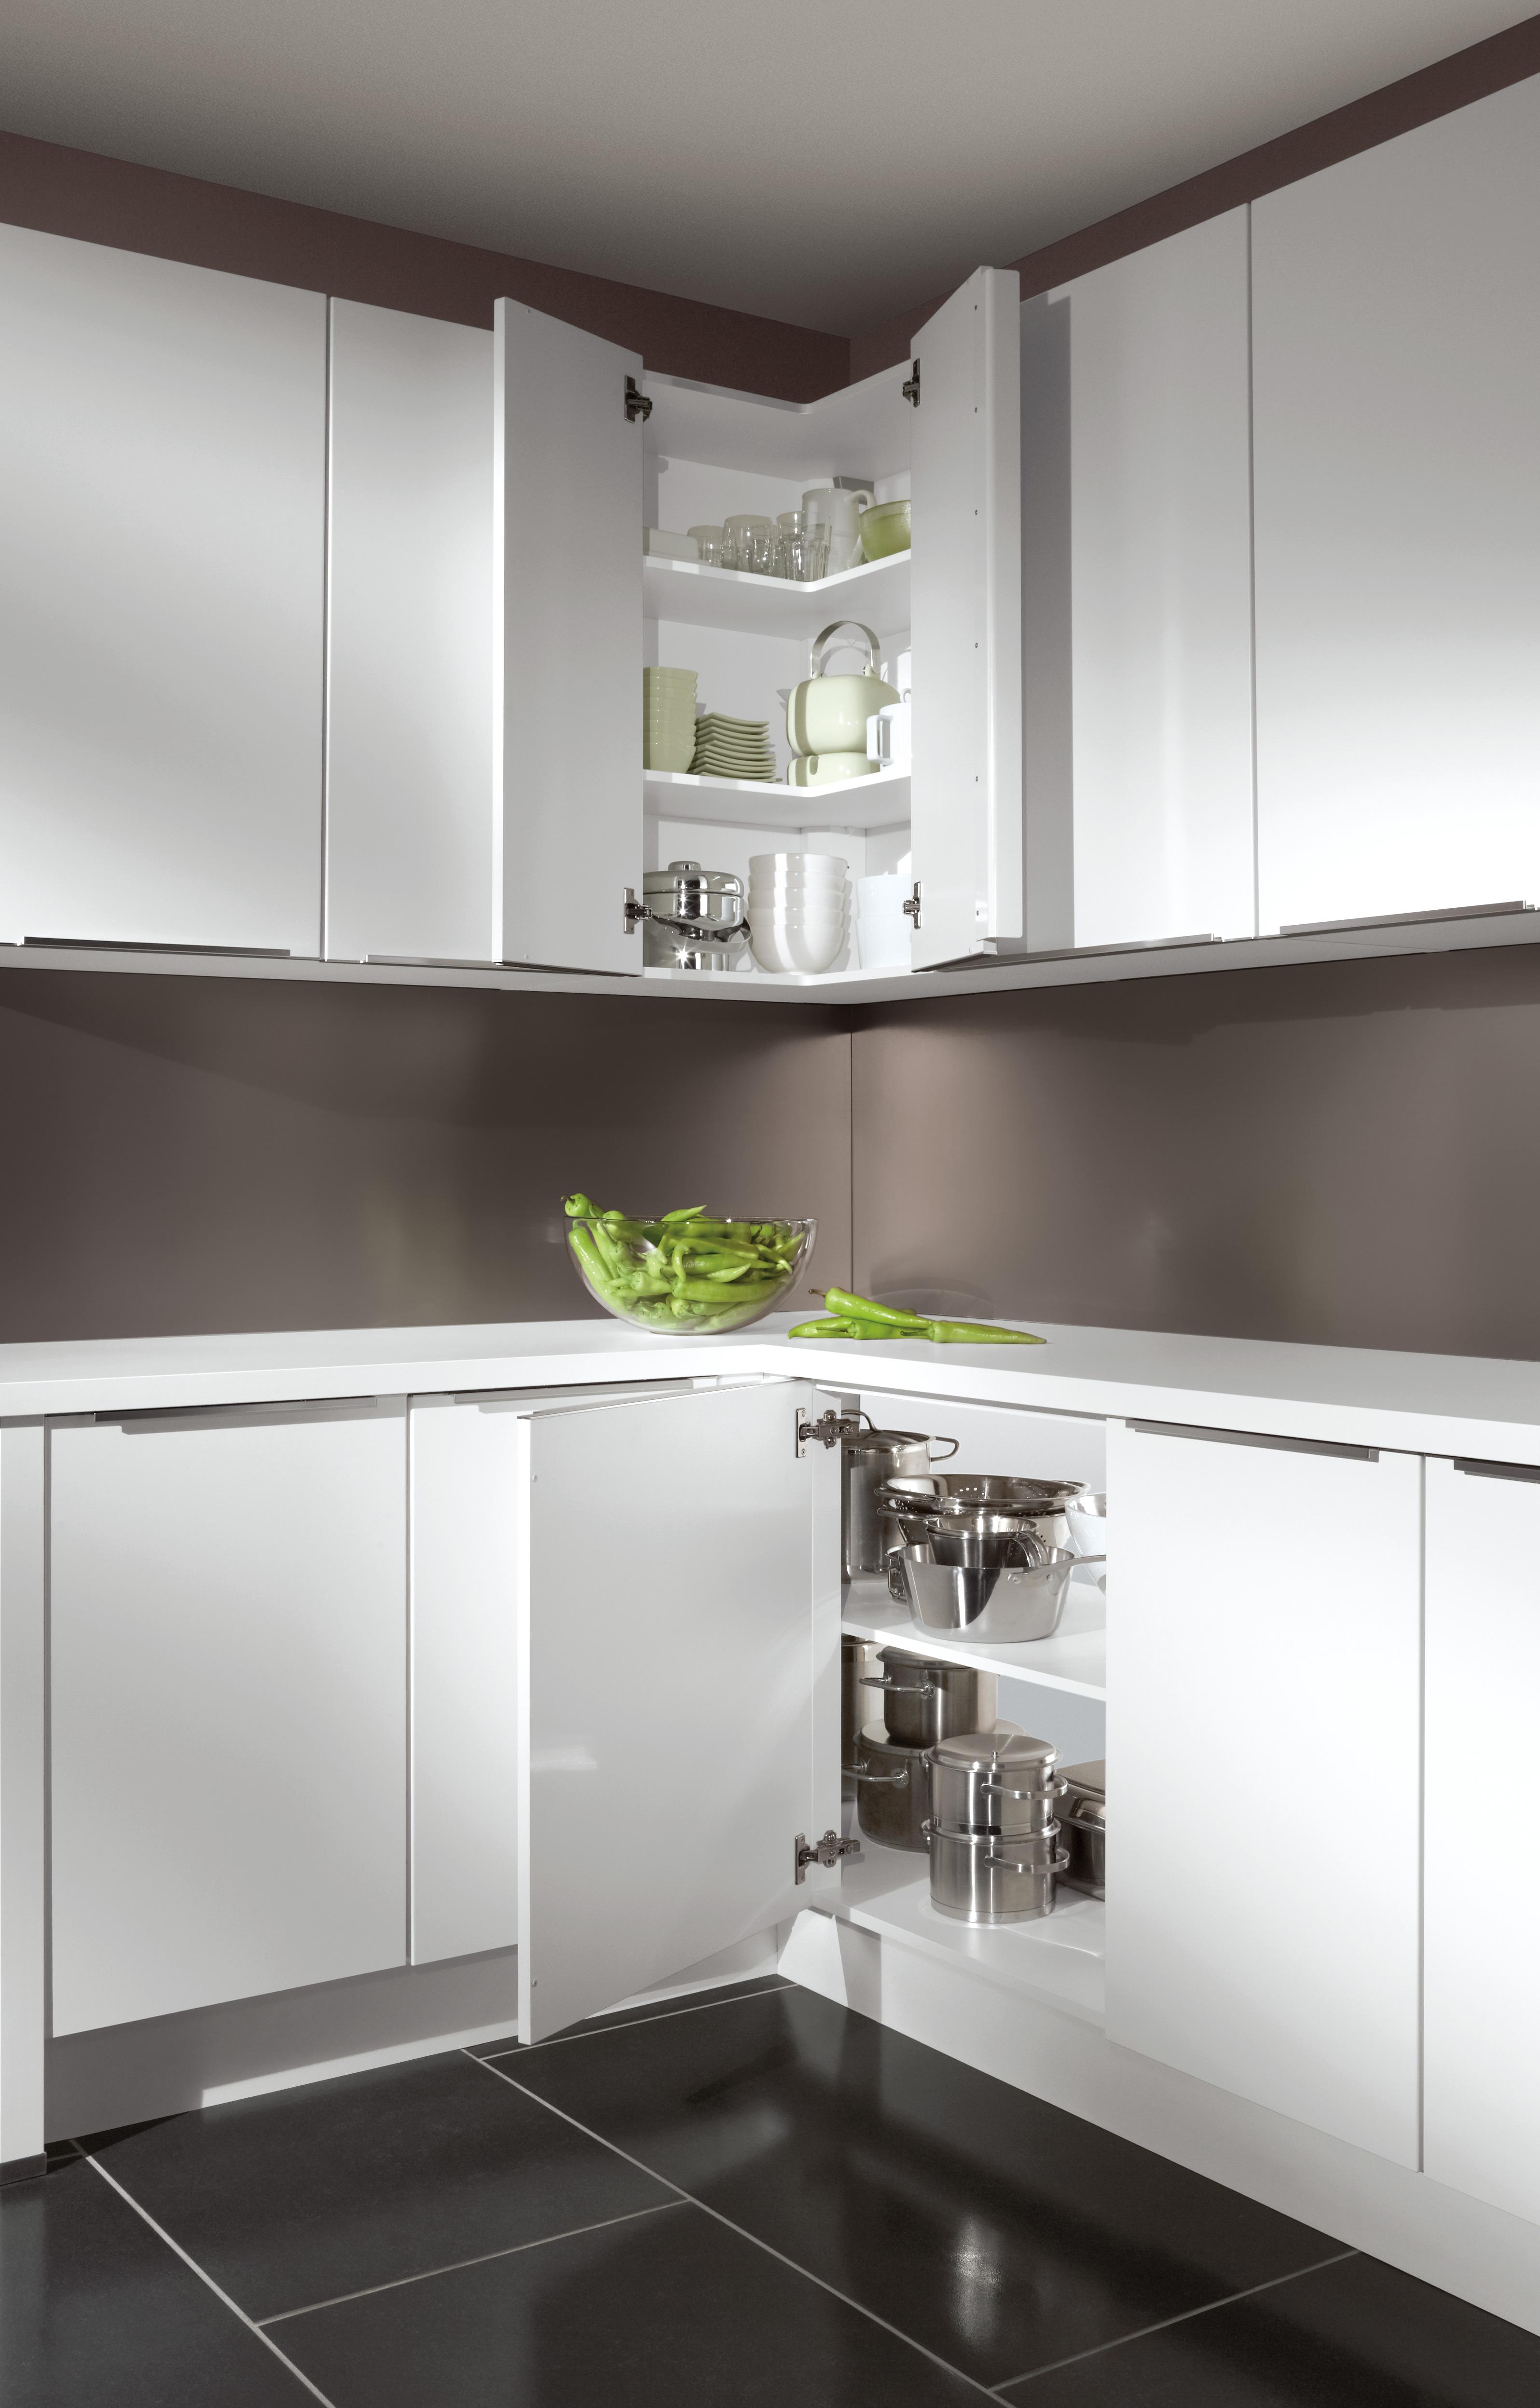 Eckschrank in der Küche: alle Ecklösungen im Überblick